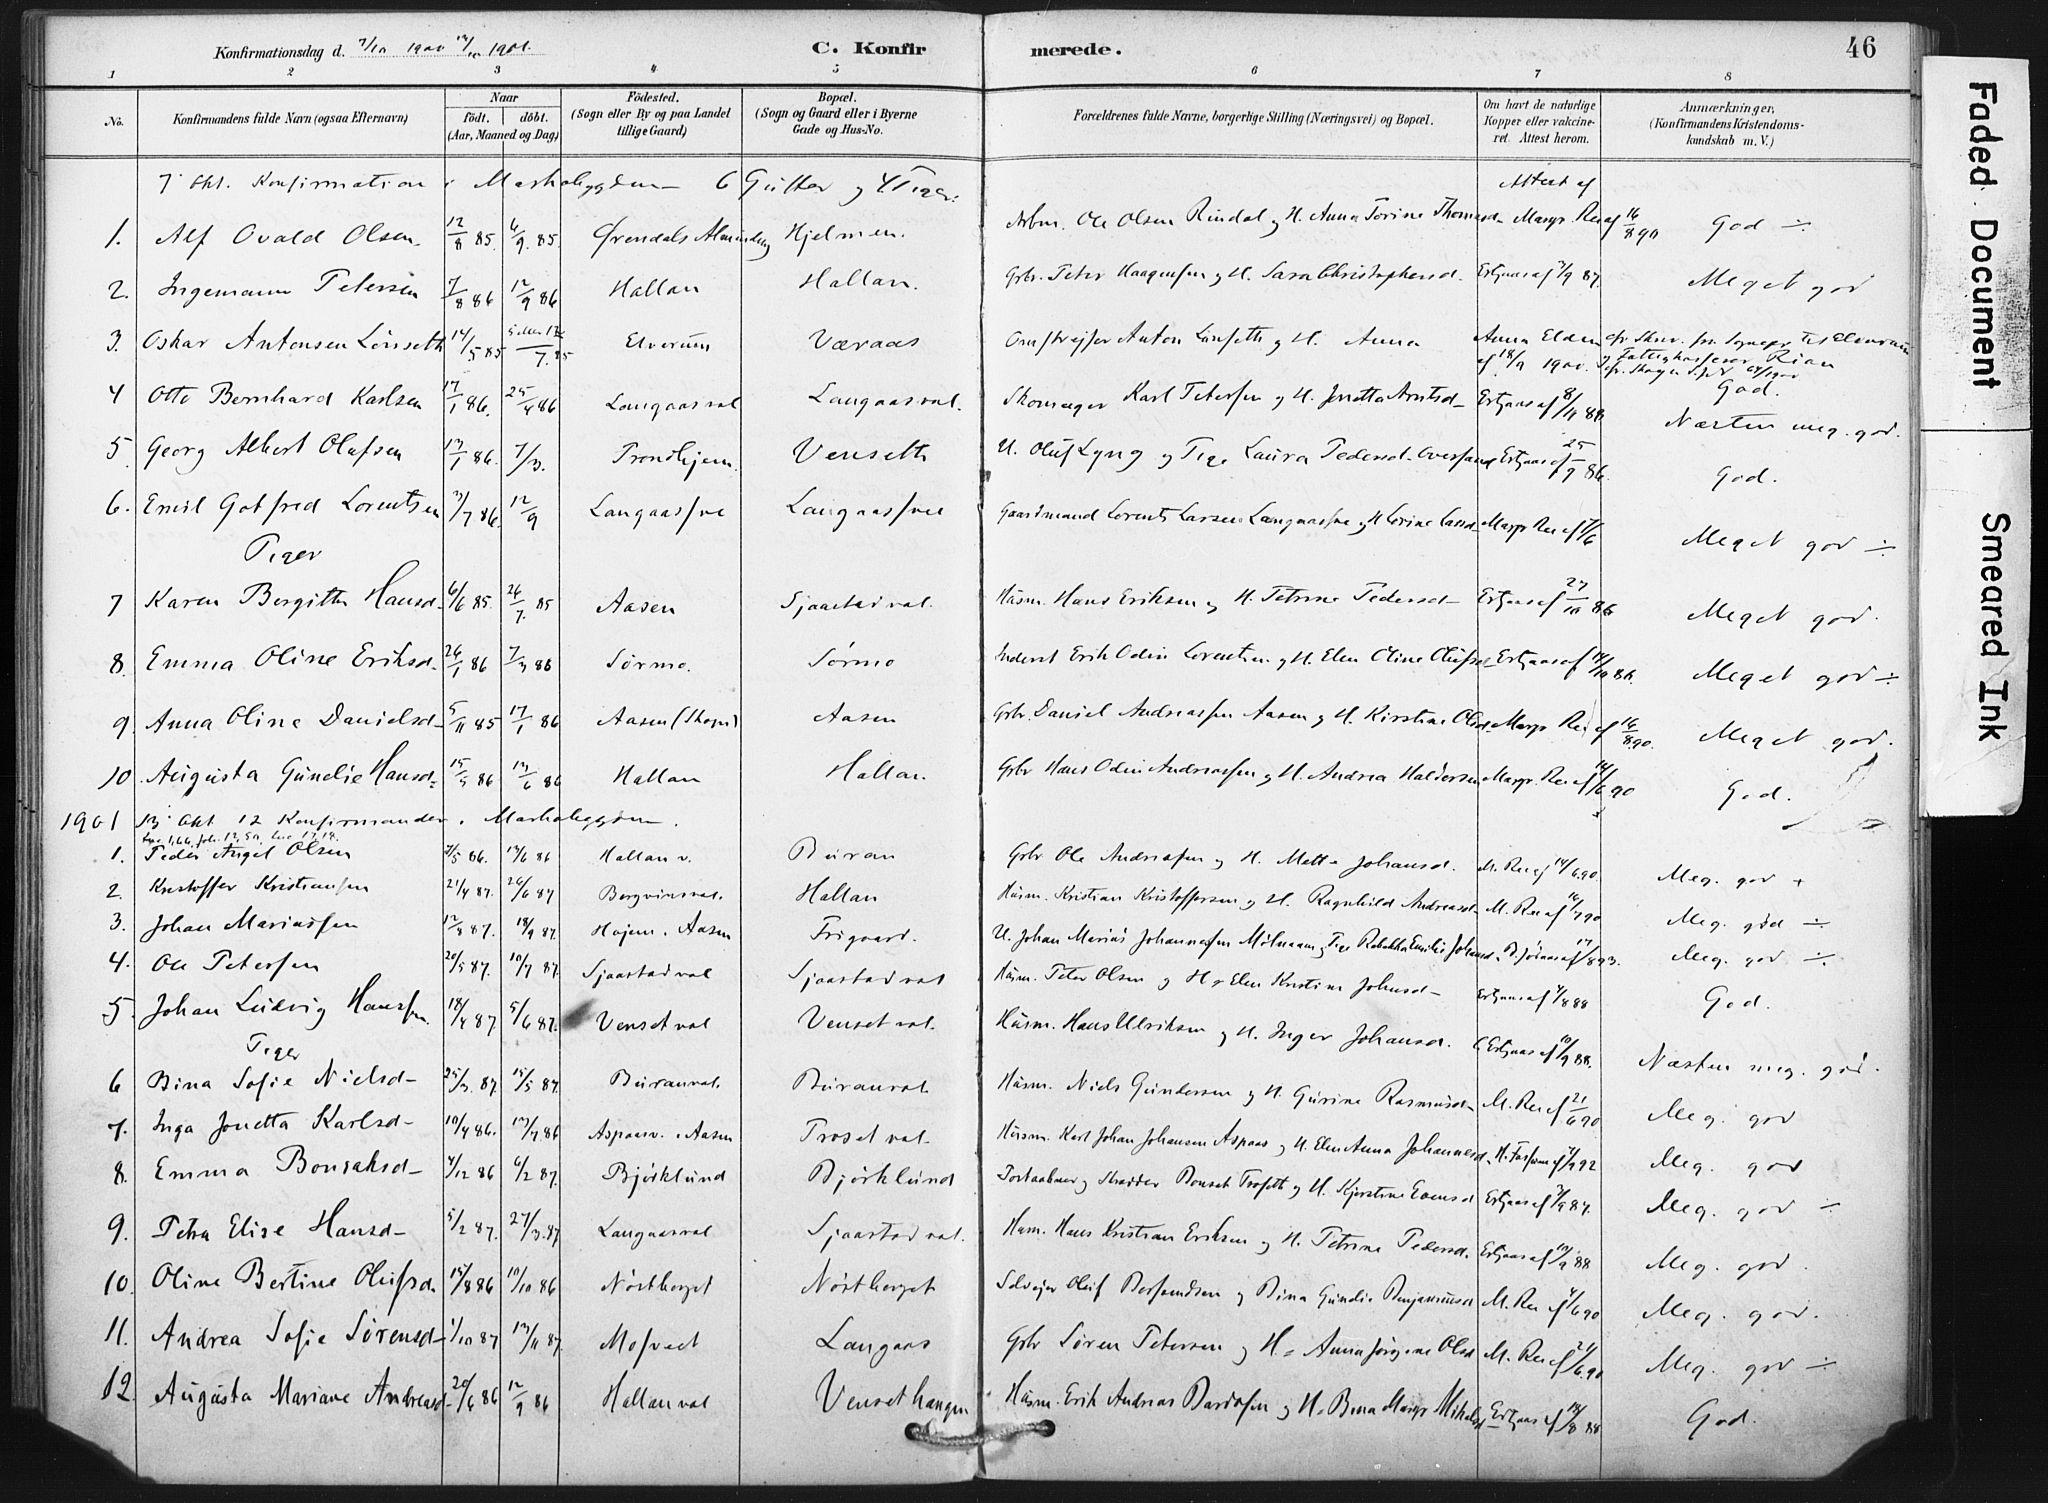 SAT, Ministerialprotokoller, klokkerbøker og fødselsregistre - Nord-Trøndelag, 718/L0175: Ministerialbok nr. 718A01, 1890-1923, s. 46